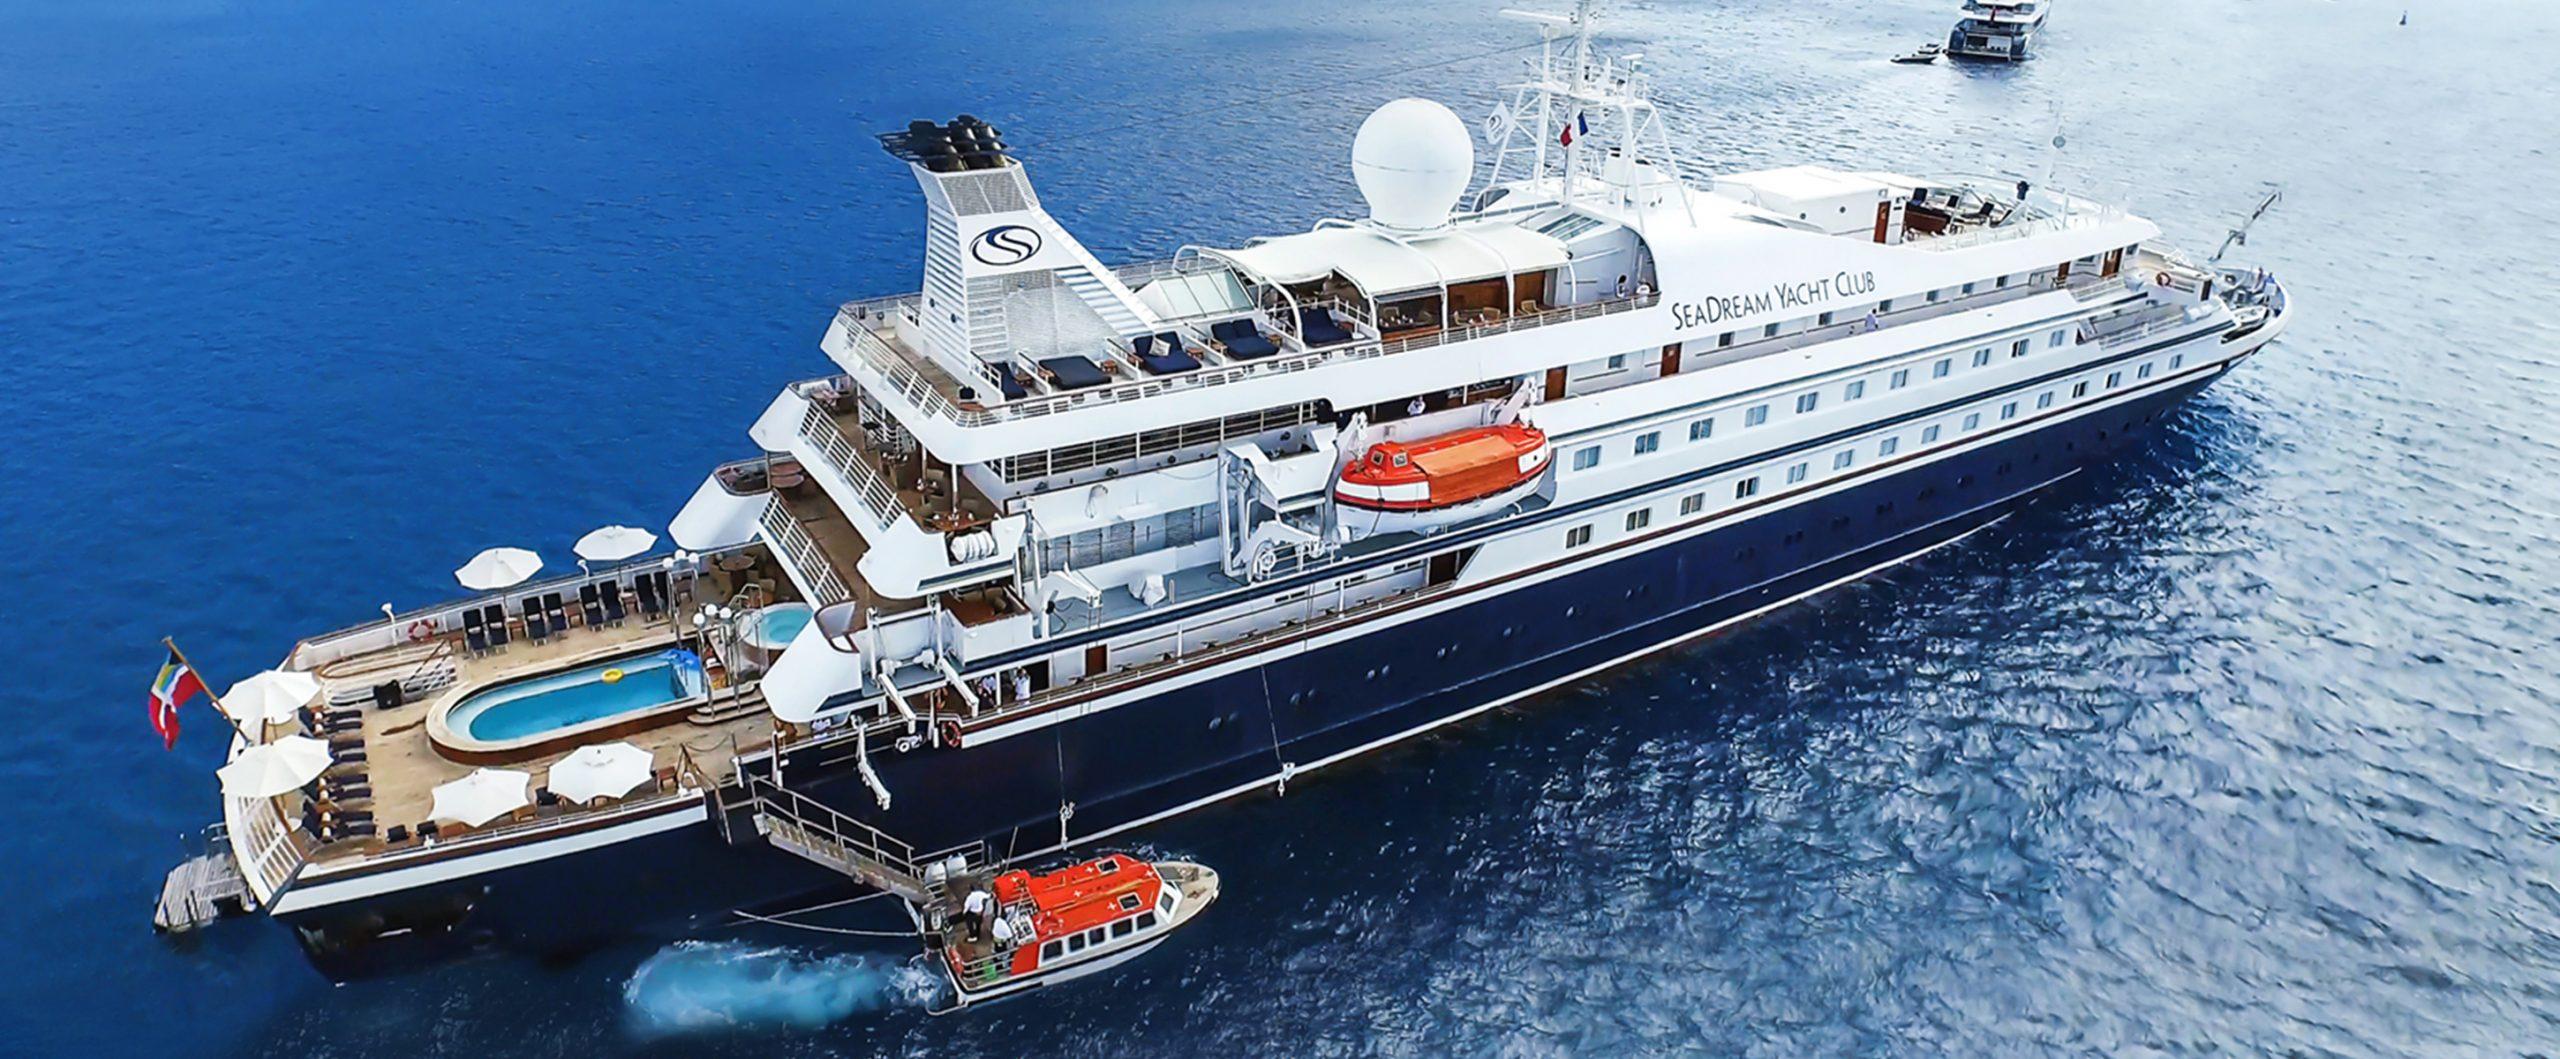 外国客船で行くクルーズの旅